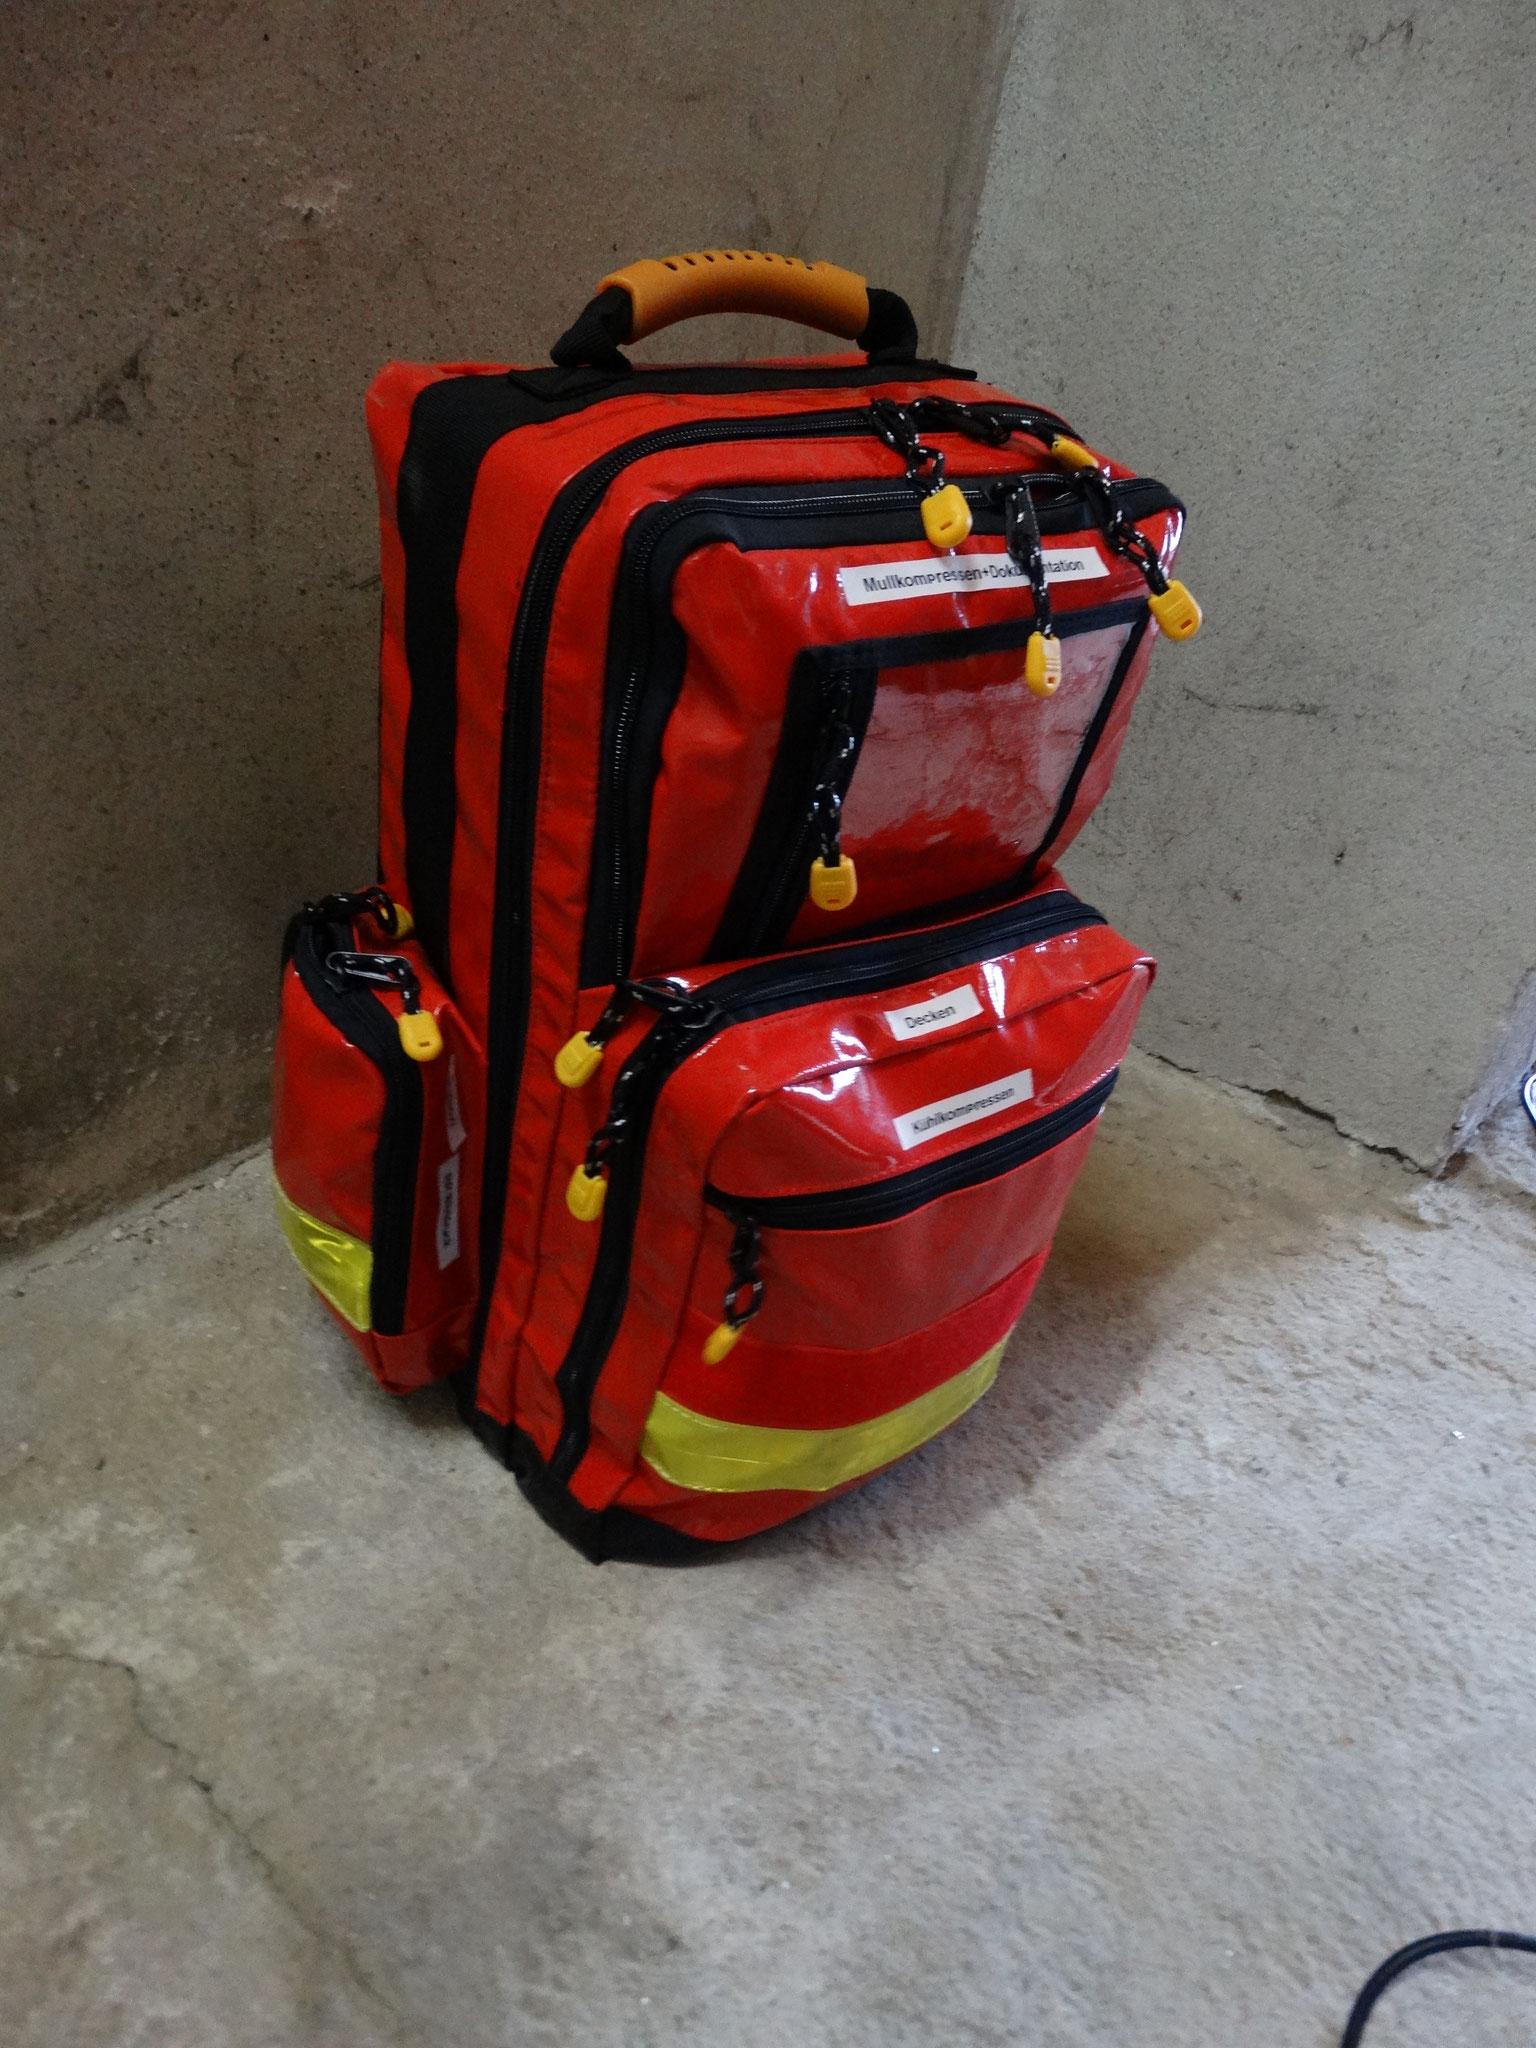 Notfallrucksack mit 2x Stifneck (1x Kinder, 1x Erwachsene)